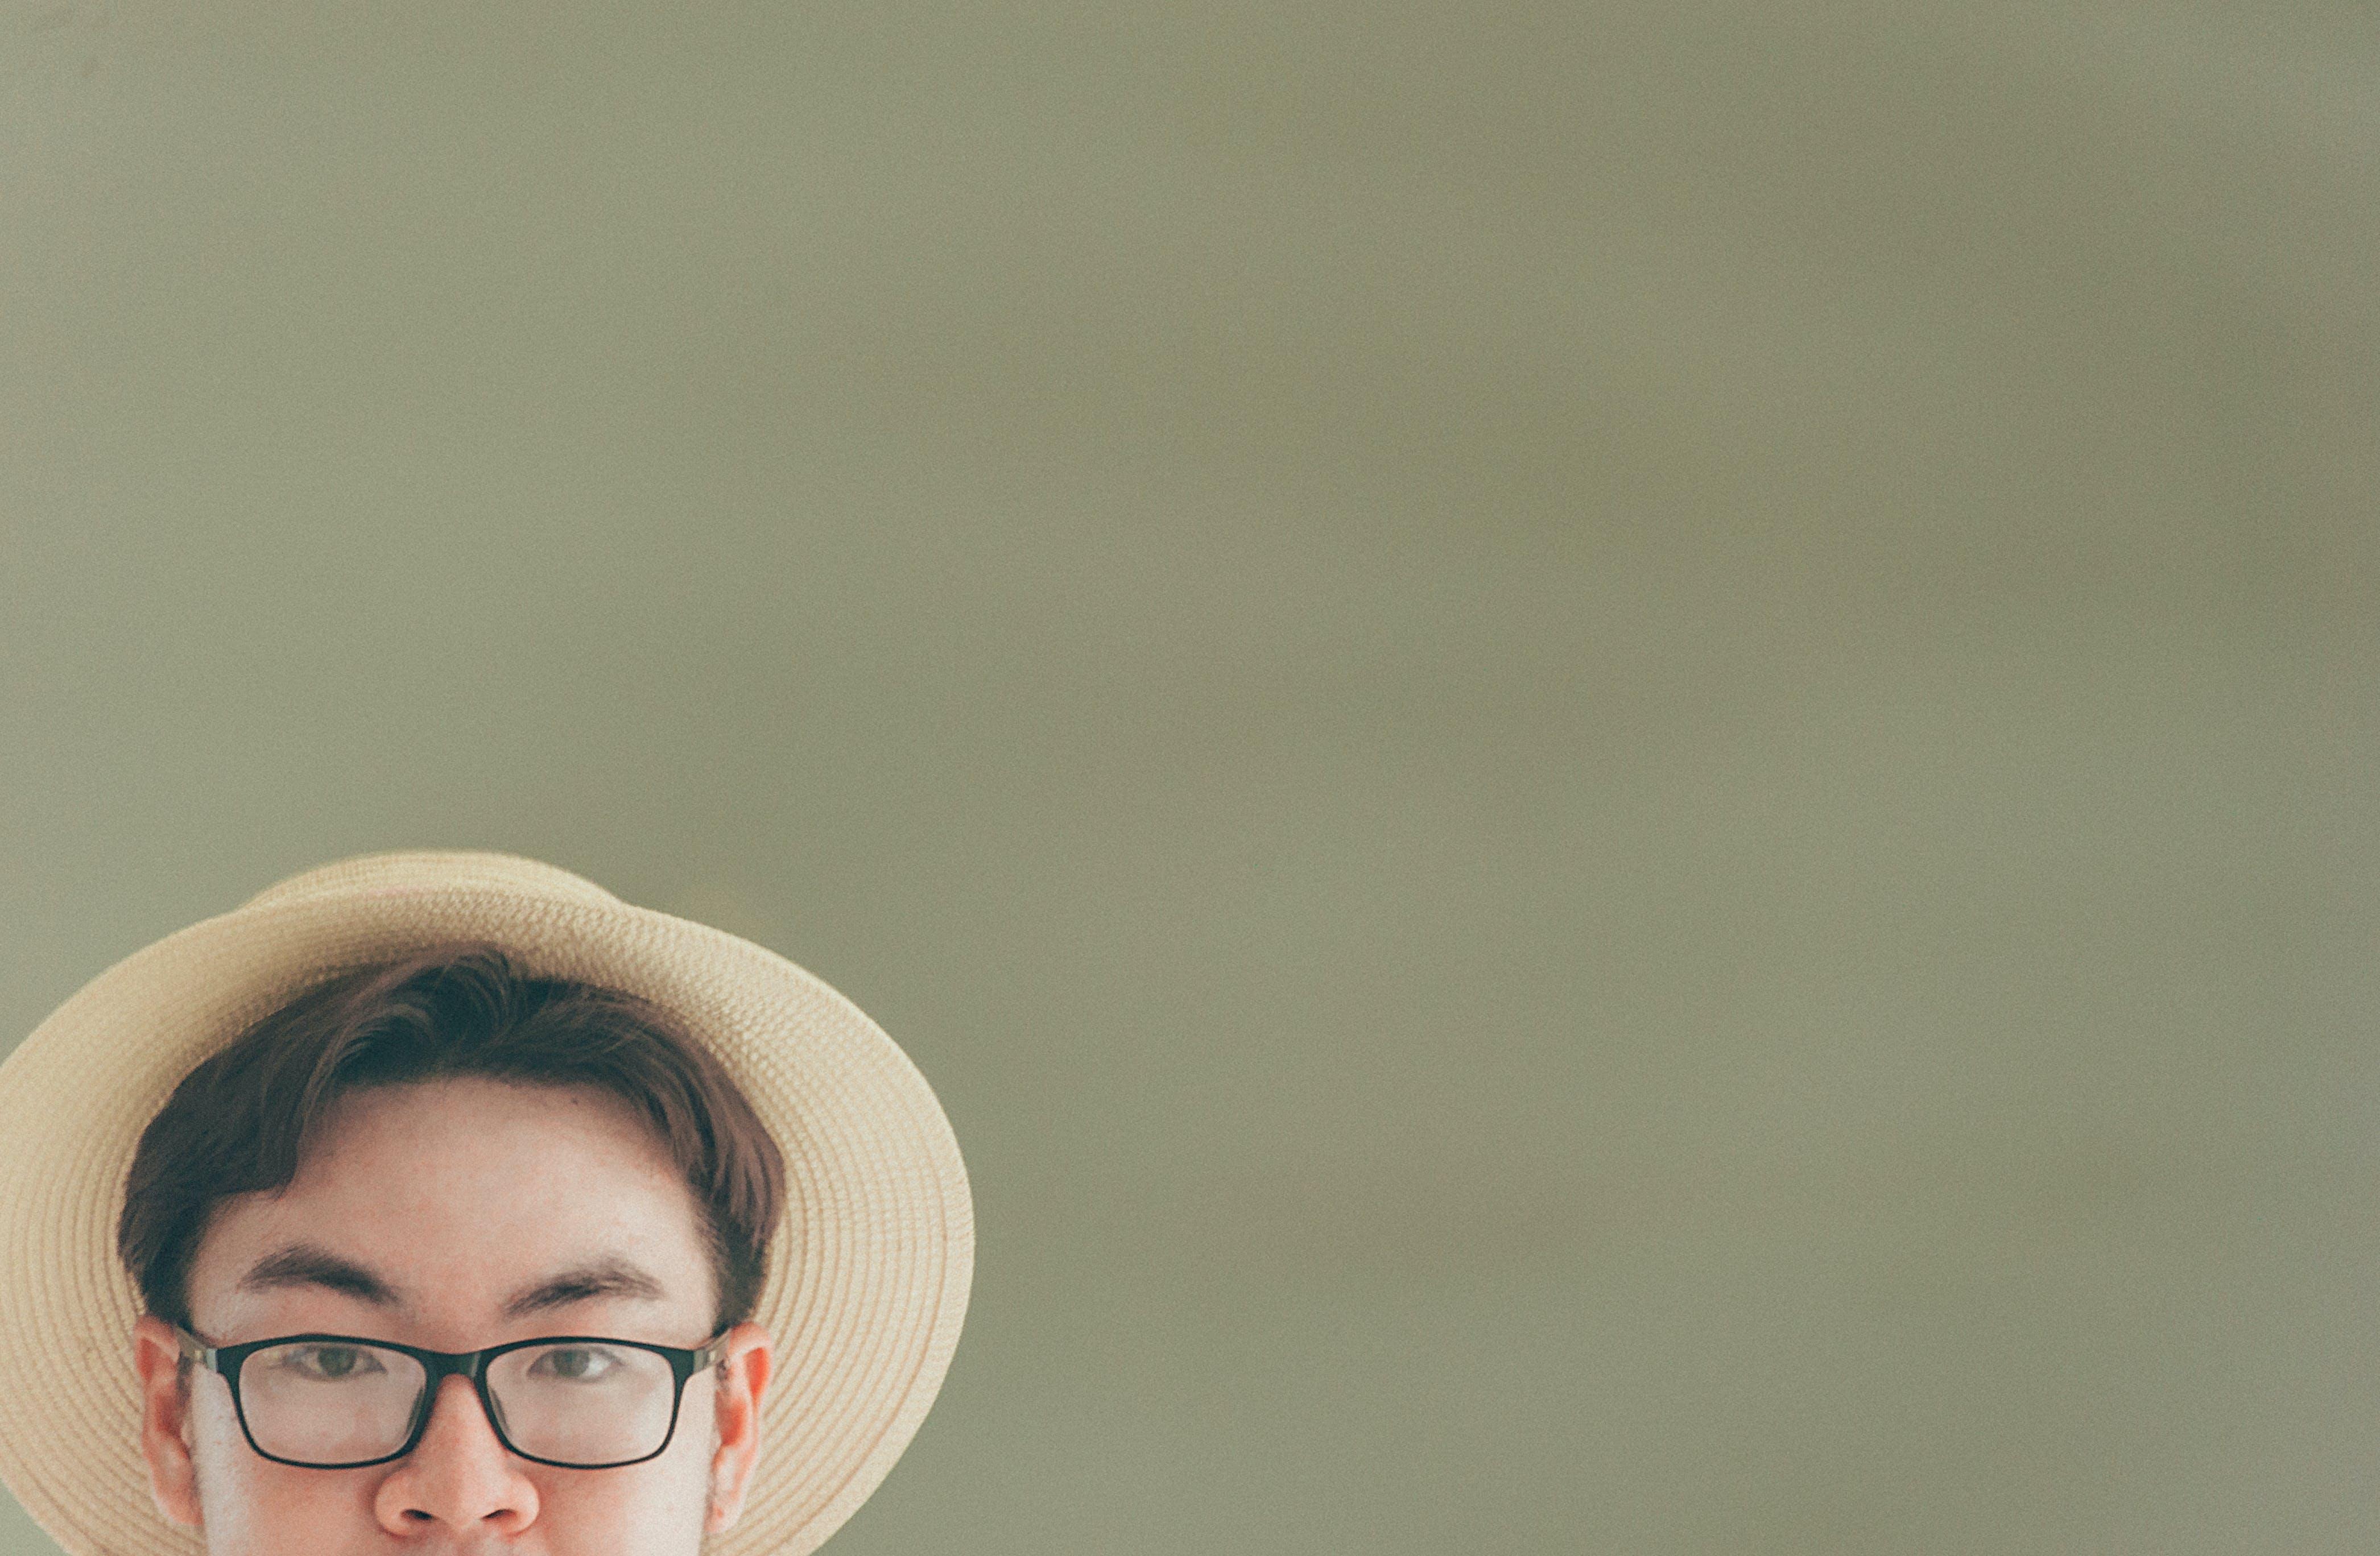 asiatischer mann, brillen, hut